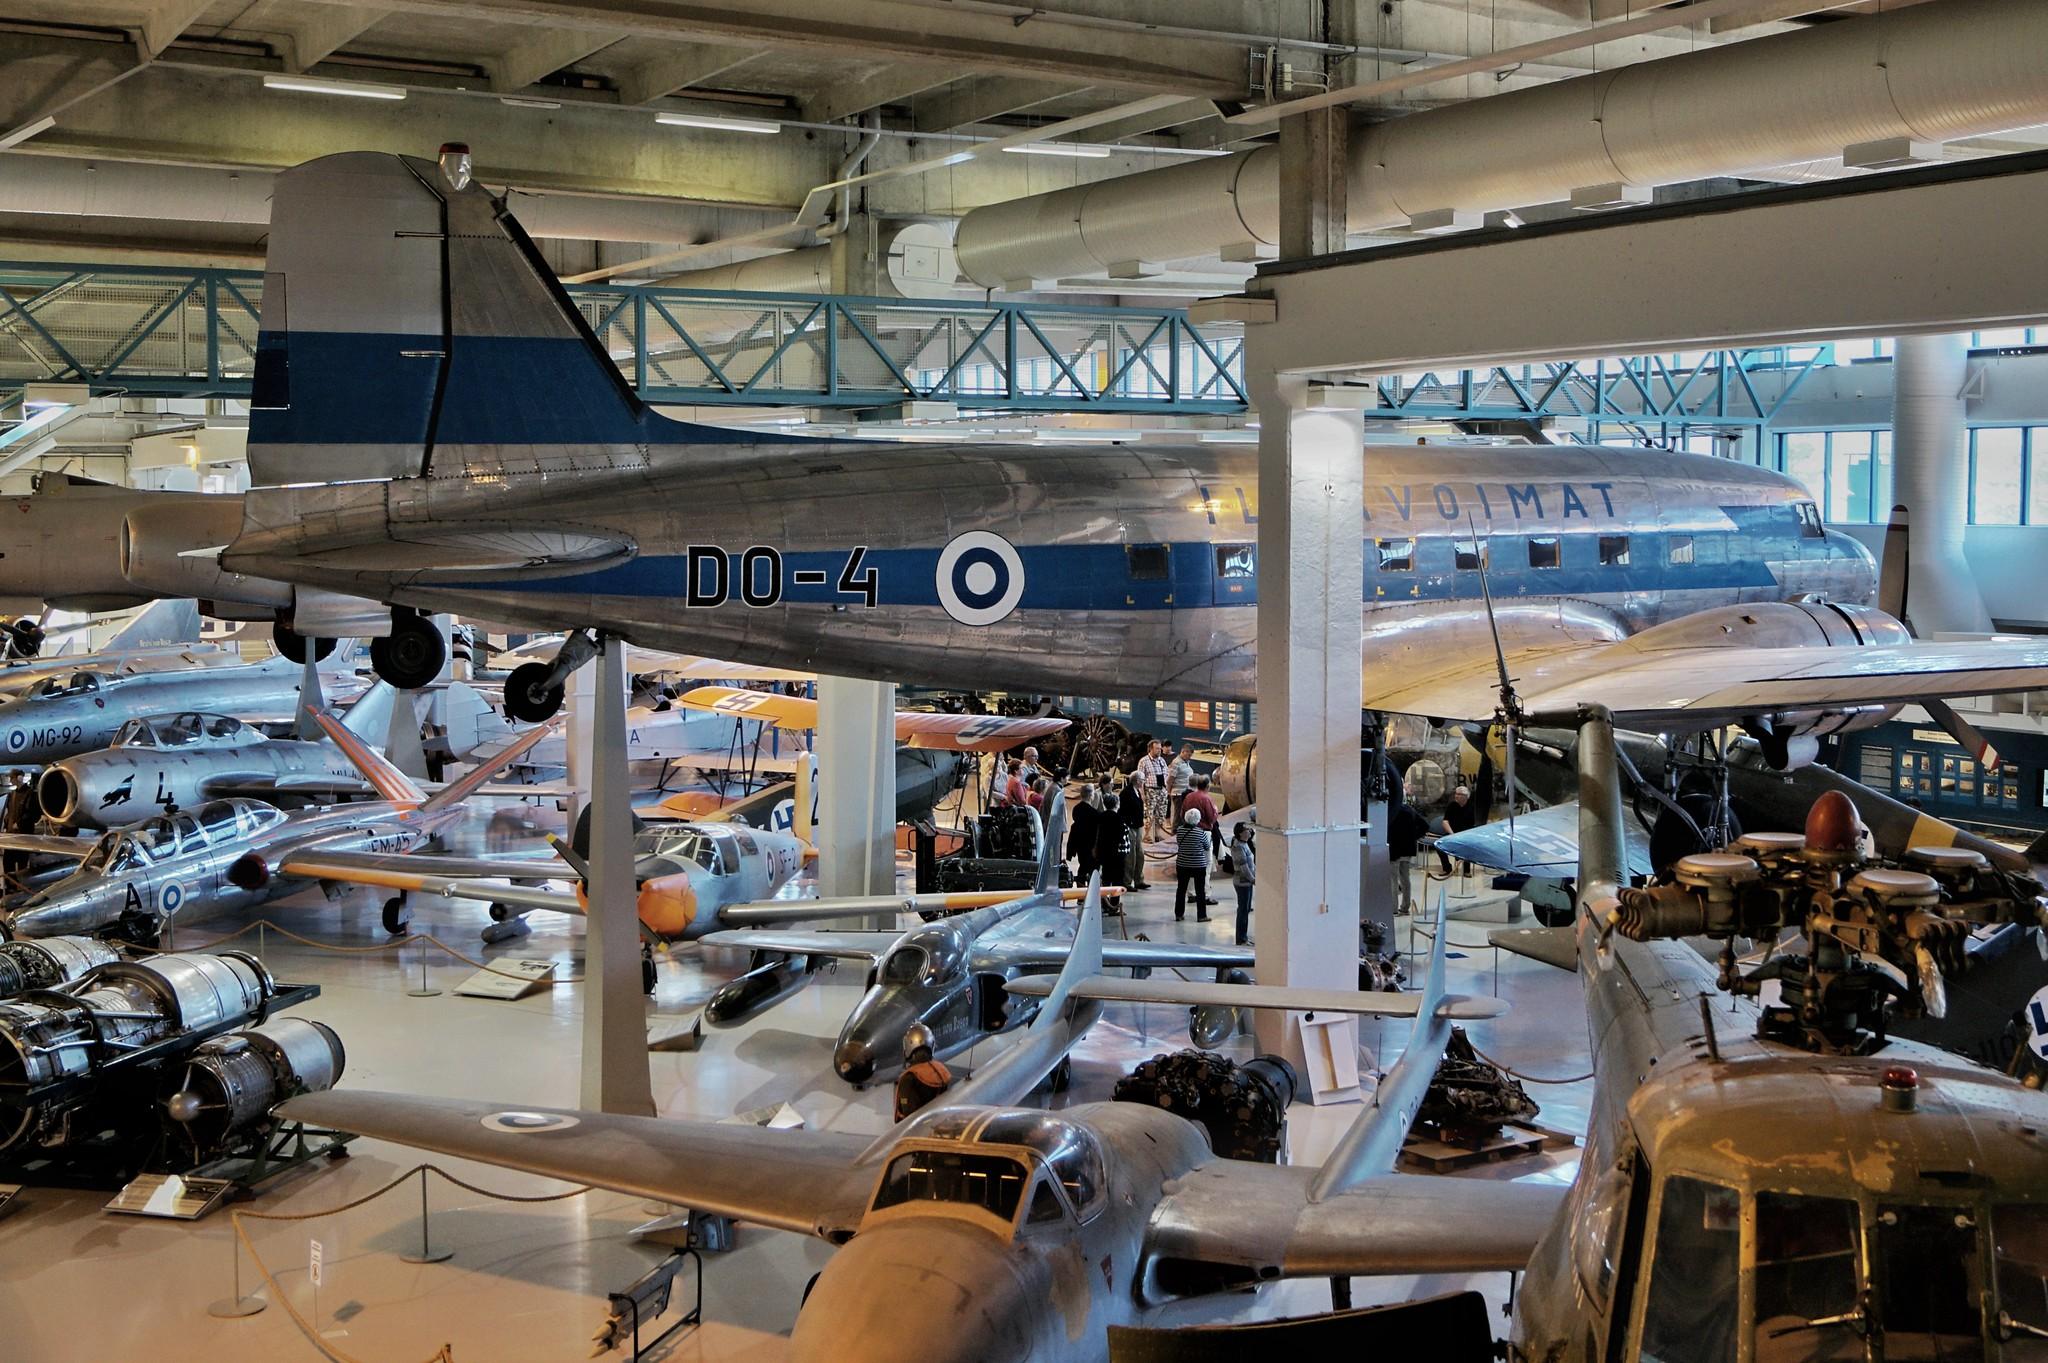 tikkakosken ilmailumuseo